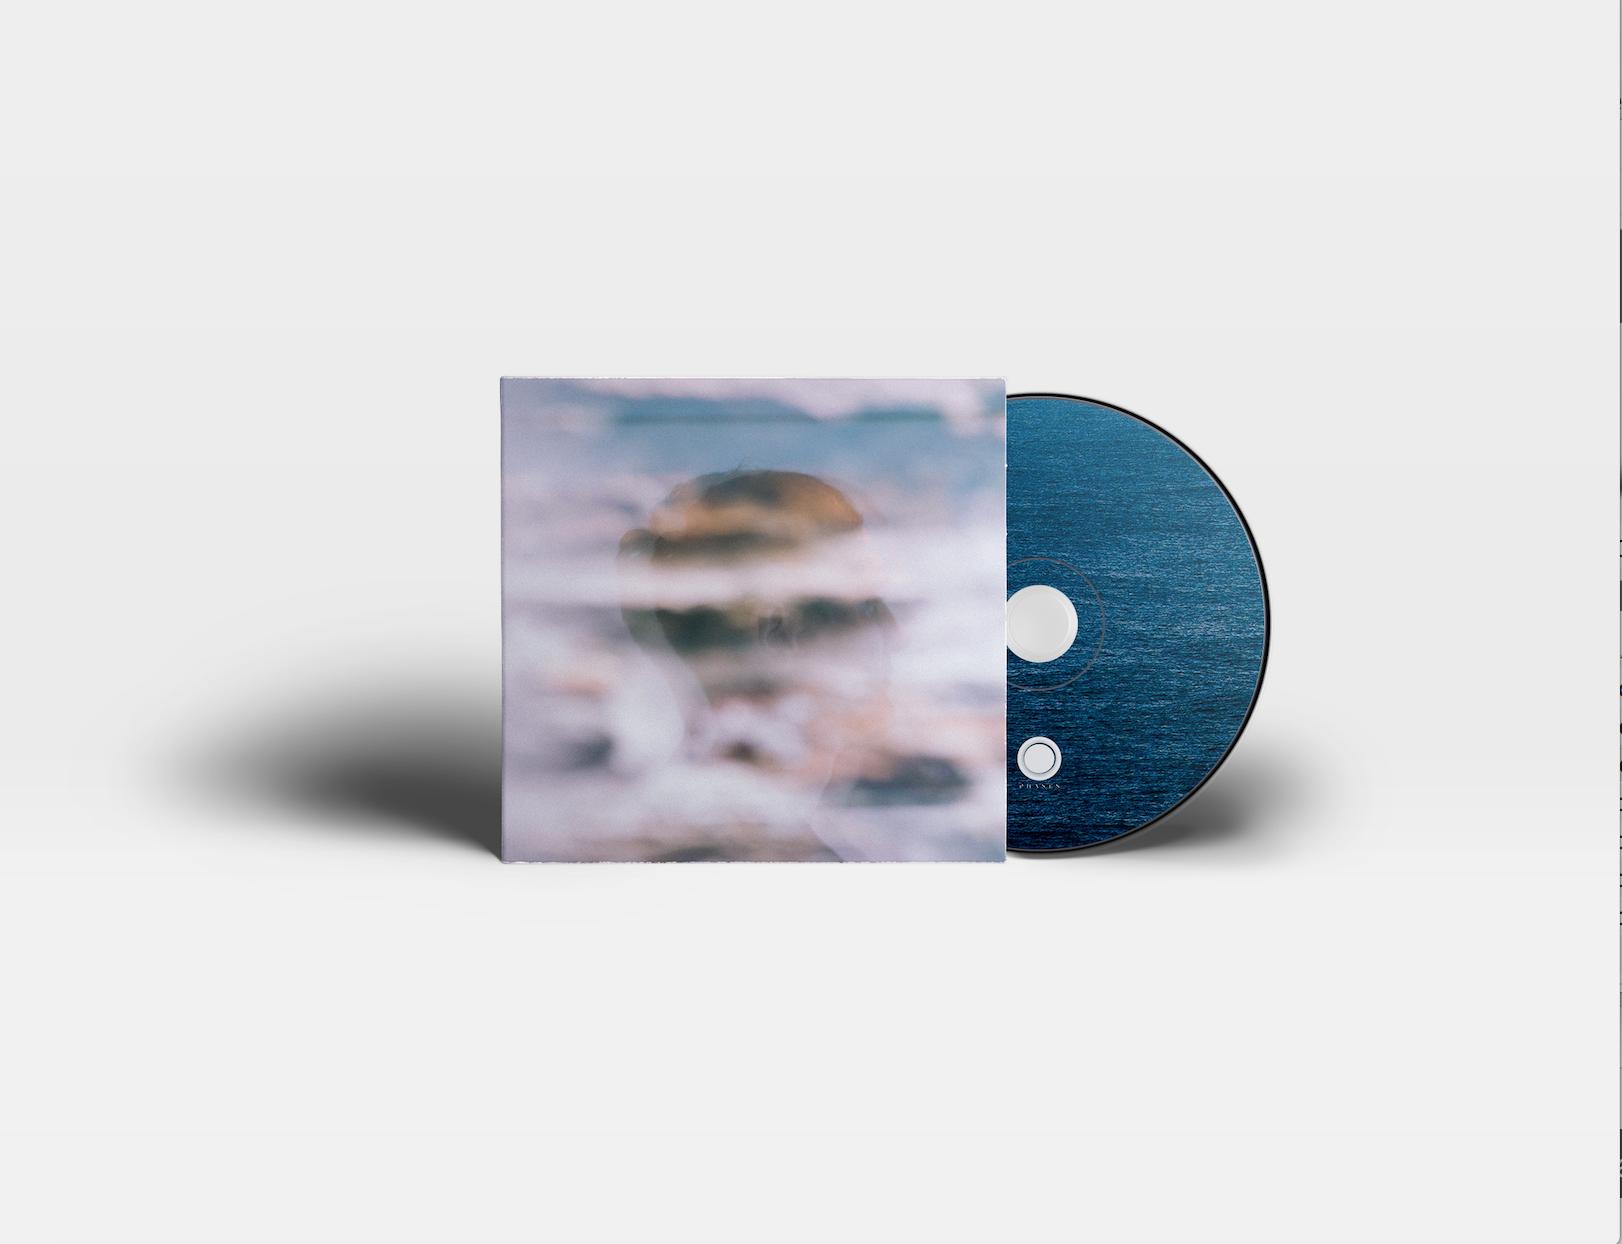 Sule Skerry (CD) - Erland Cooper